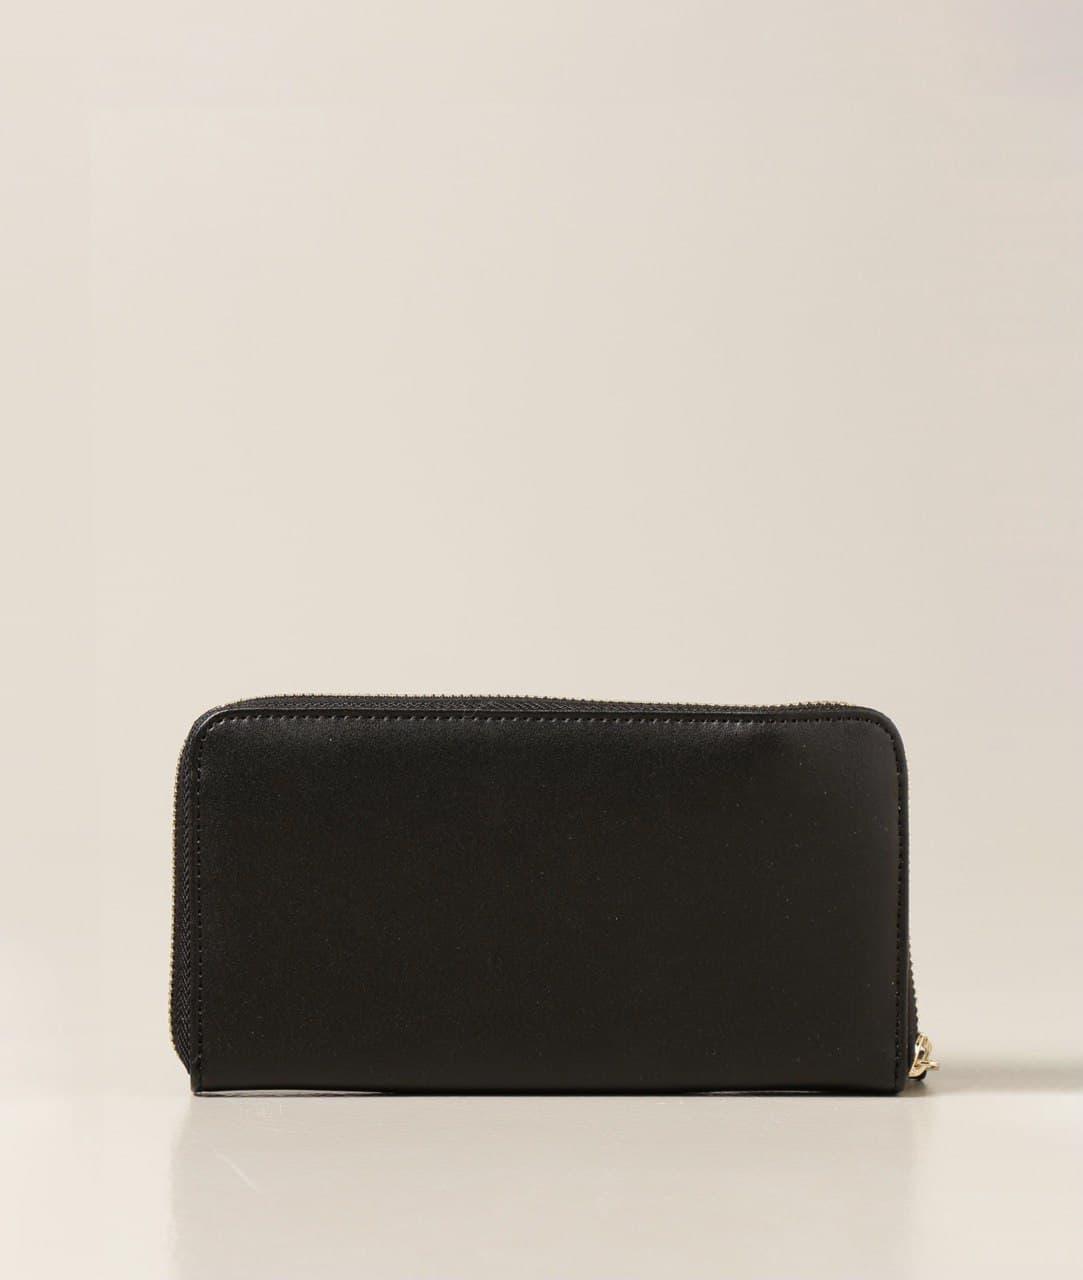 VERSACE JEANS COUTURE   wallet   E3VWAPA171875899